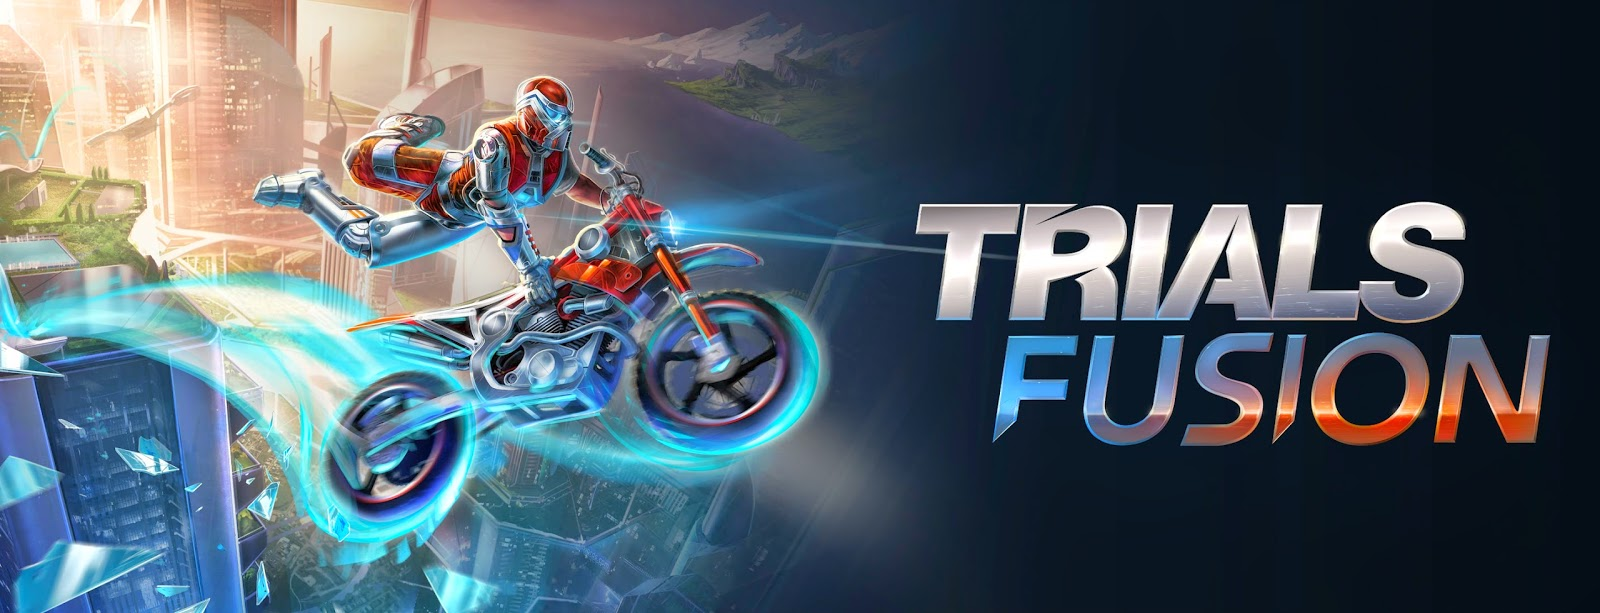 Trials Arcade Xbox 360 Trials Fusion Xbox 360